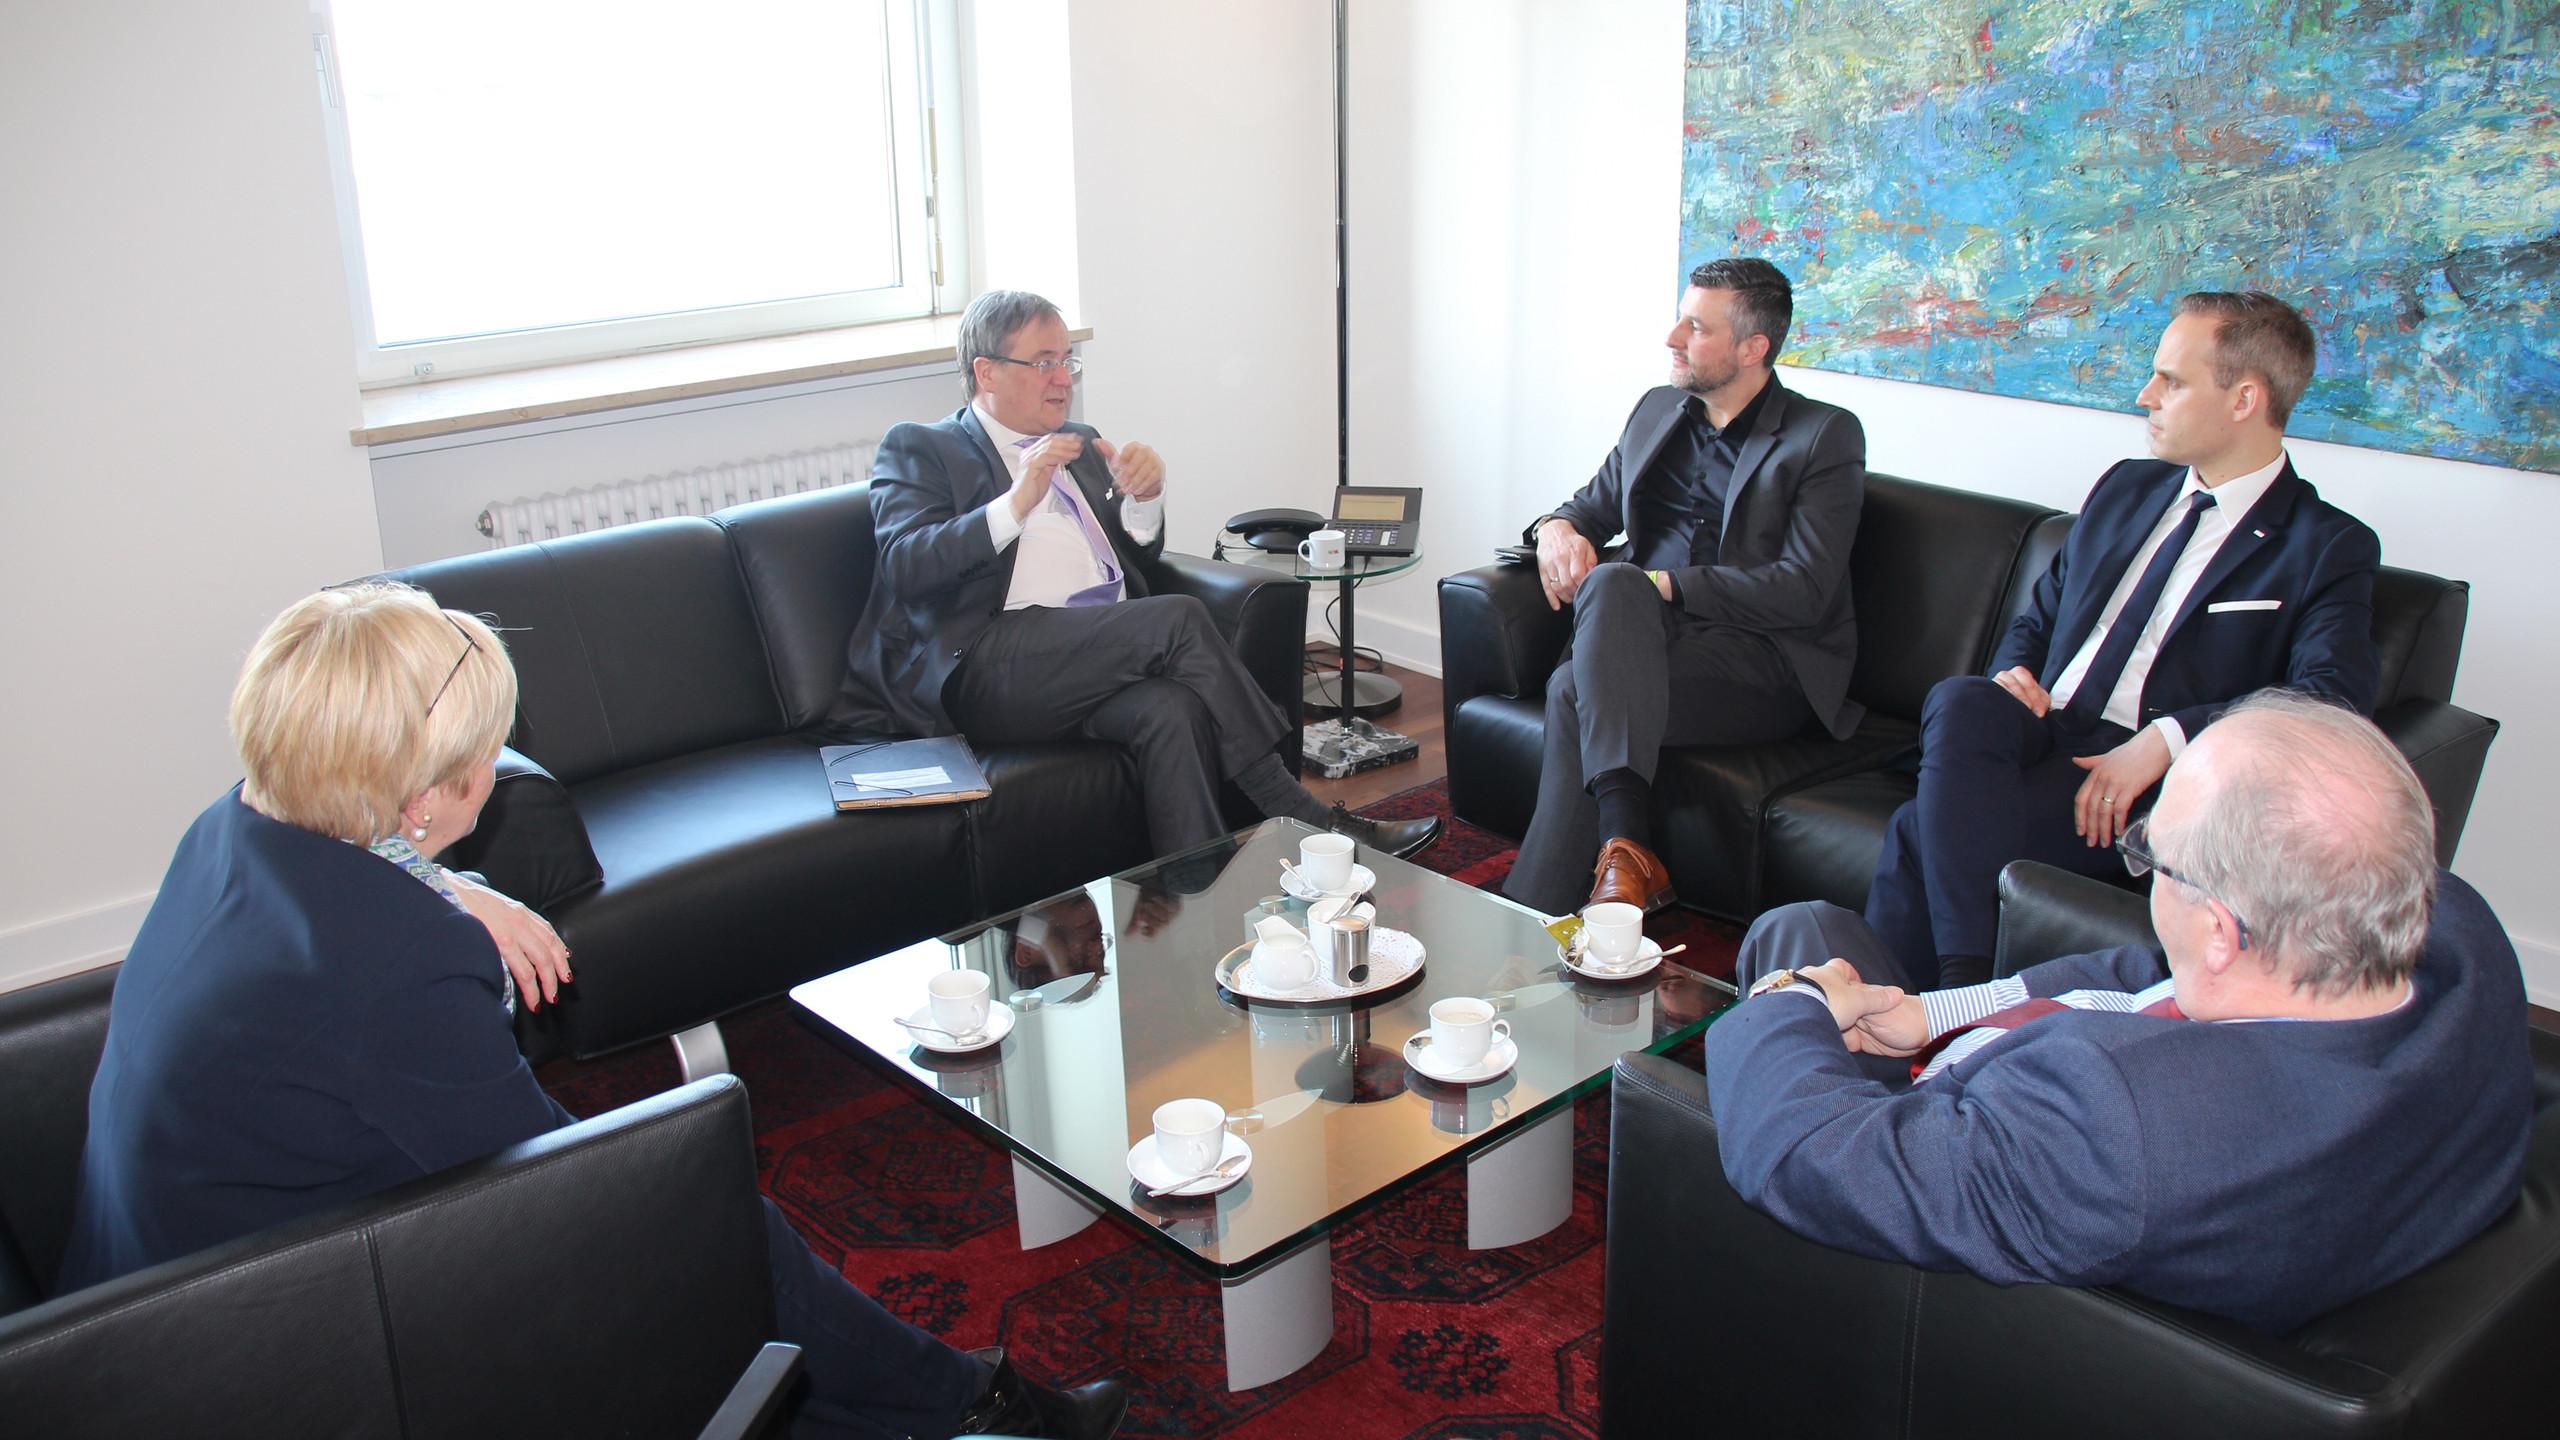 Die_CSP-Delegation_beim_Arbeitsgespräch_mit_NRW-Ministerpräsident_Armin_Laschet